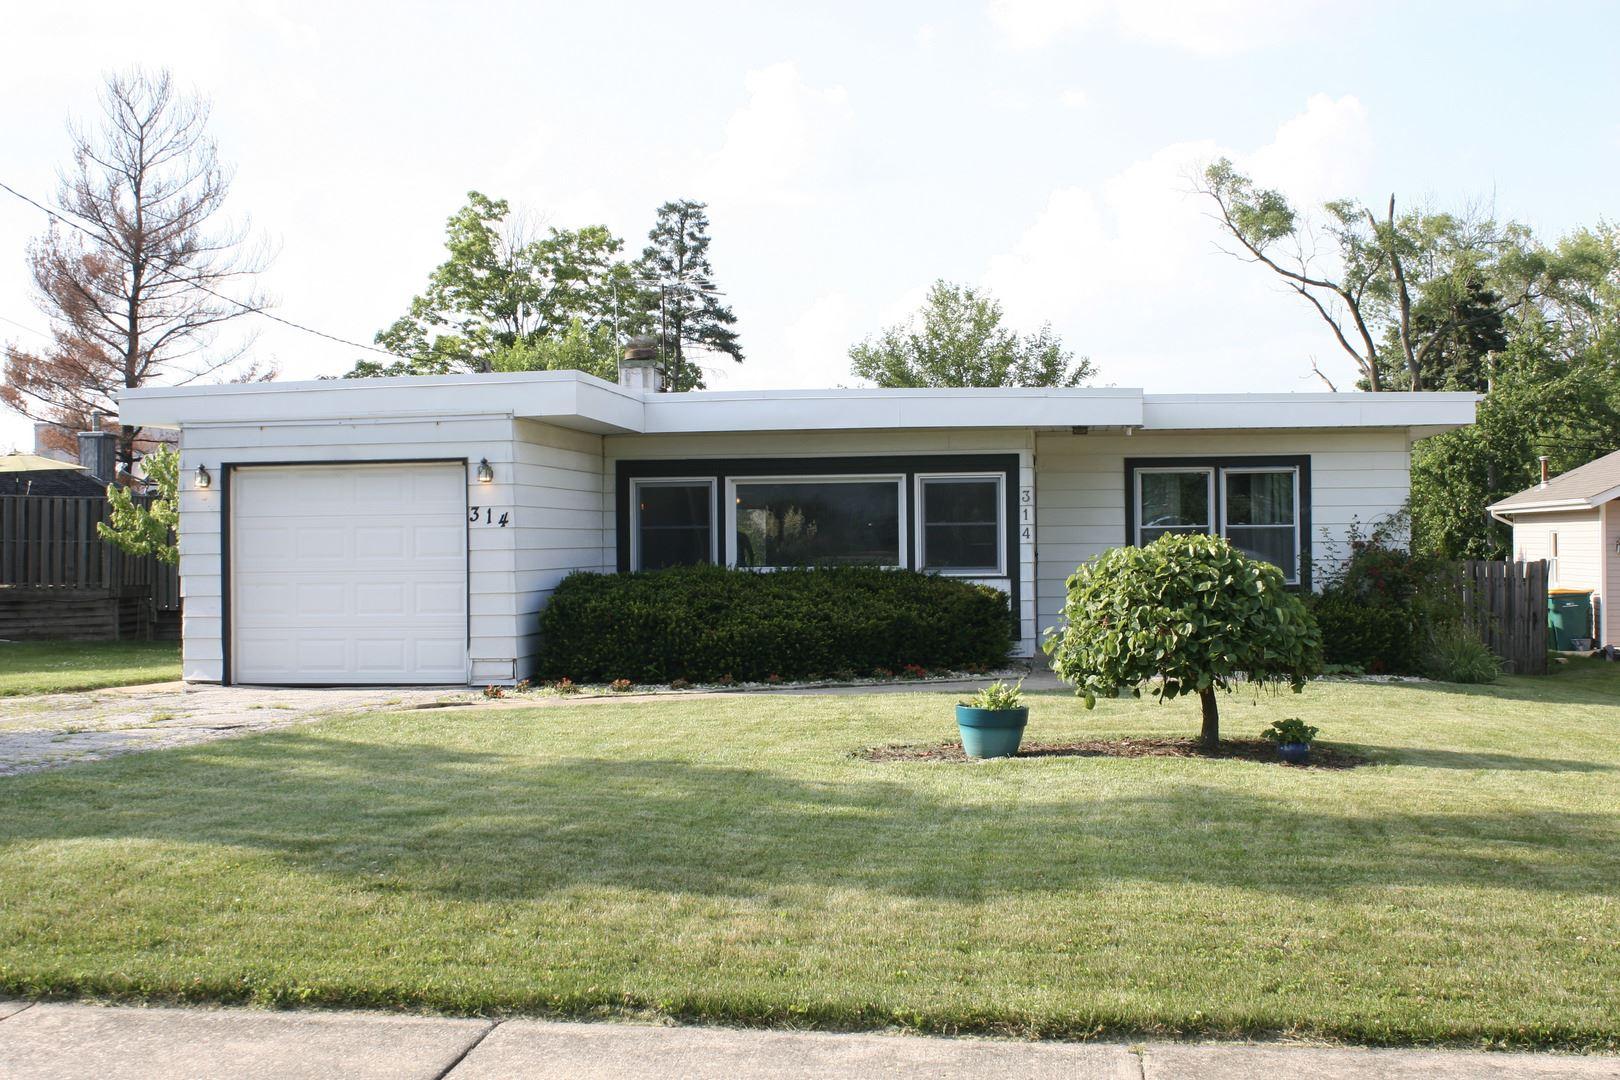 314 W Harding Road, Lombard, IL 60148 - #: 10773277